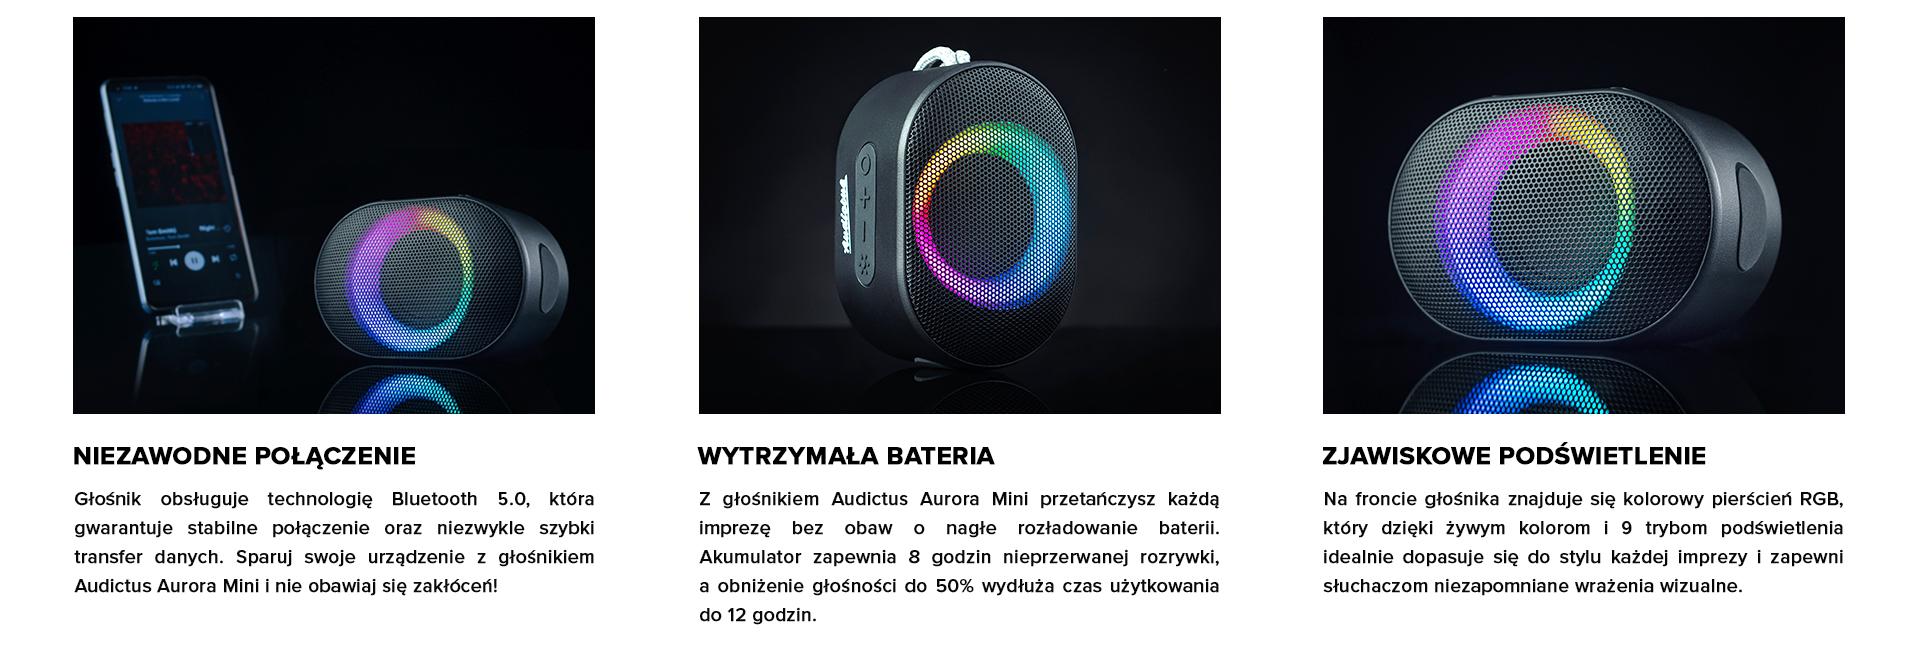 Podpunkty - Audictus Aurora Mini